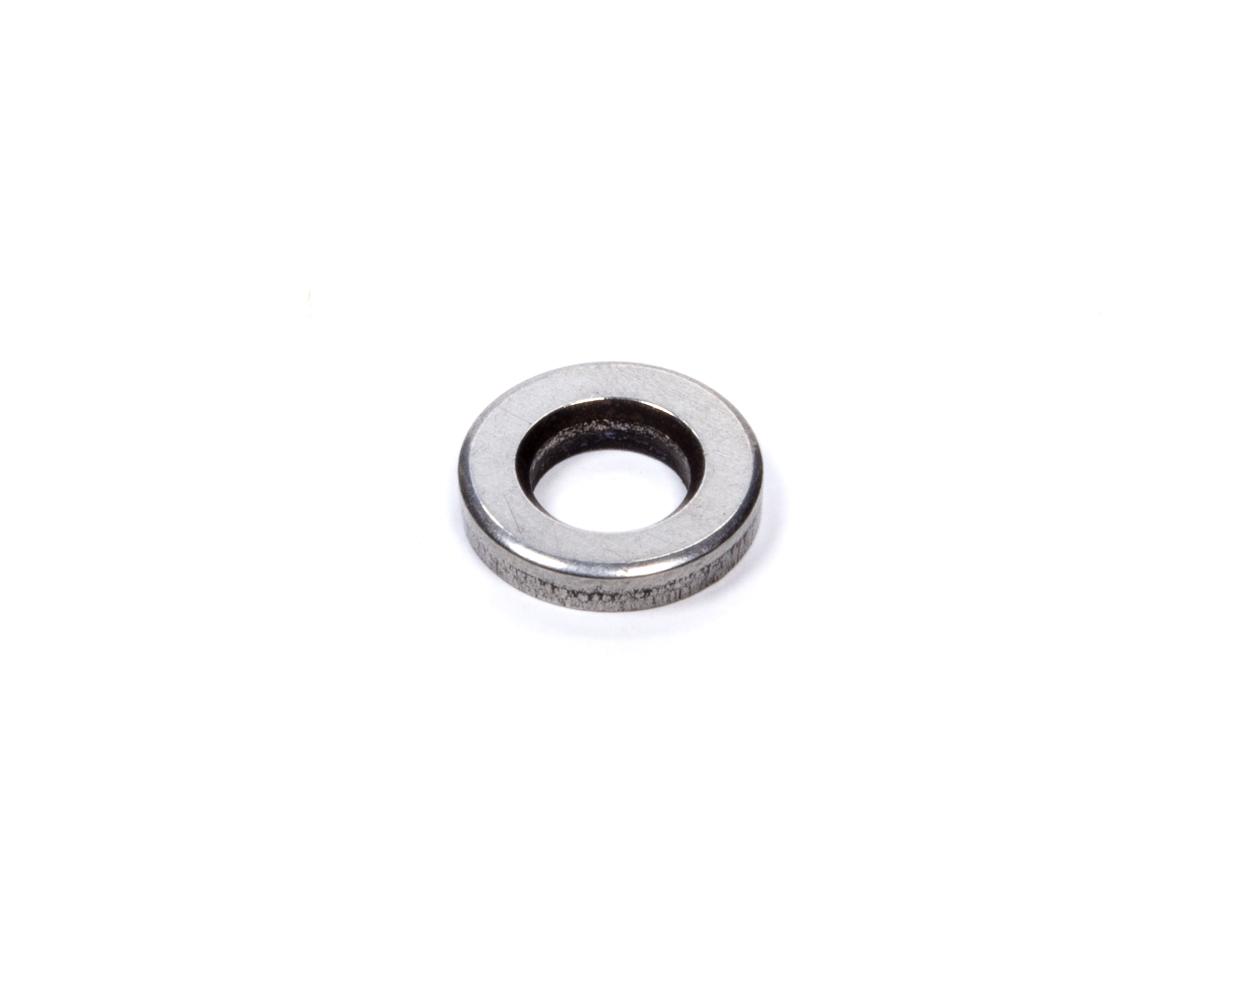 S/S Flat Washers - 5/16 ID x .625 OD (1pk)